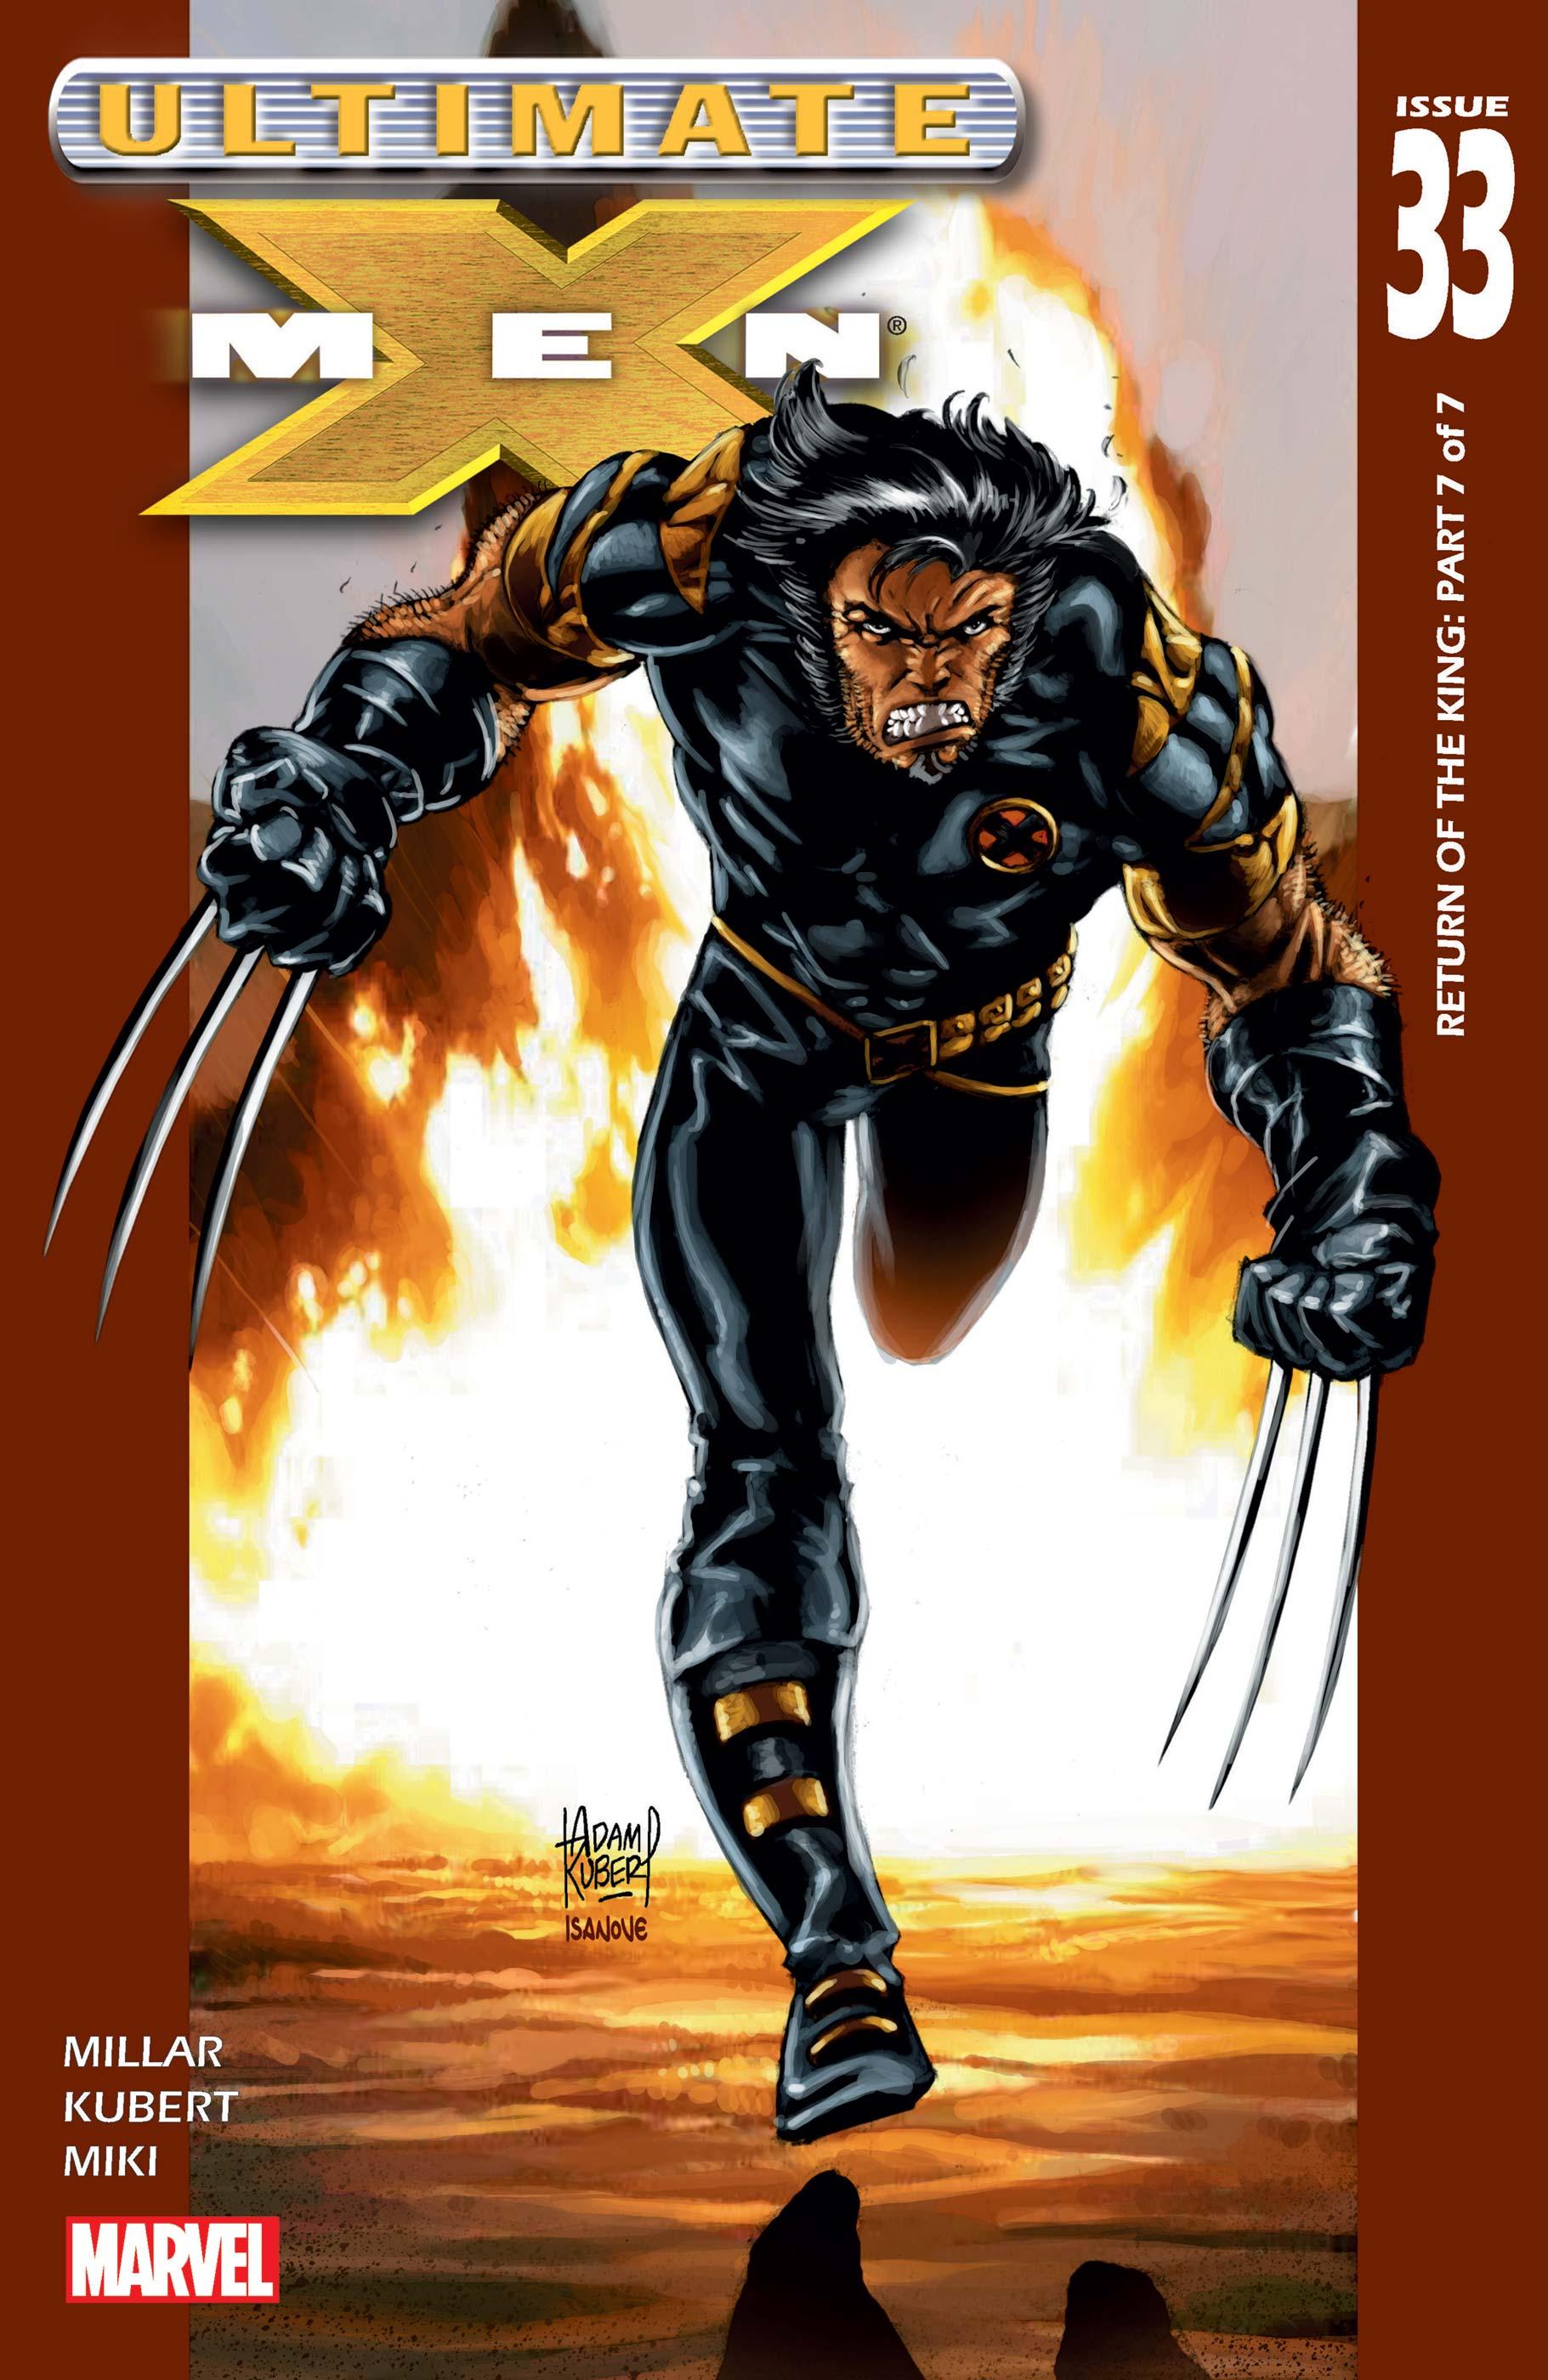 Ultimate X-Men (2001) #33